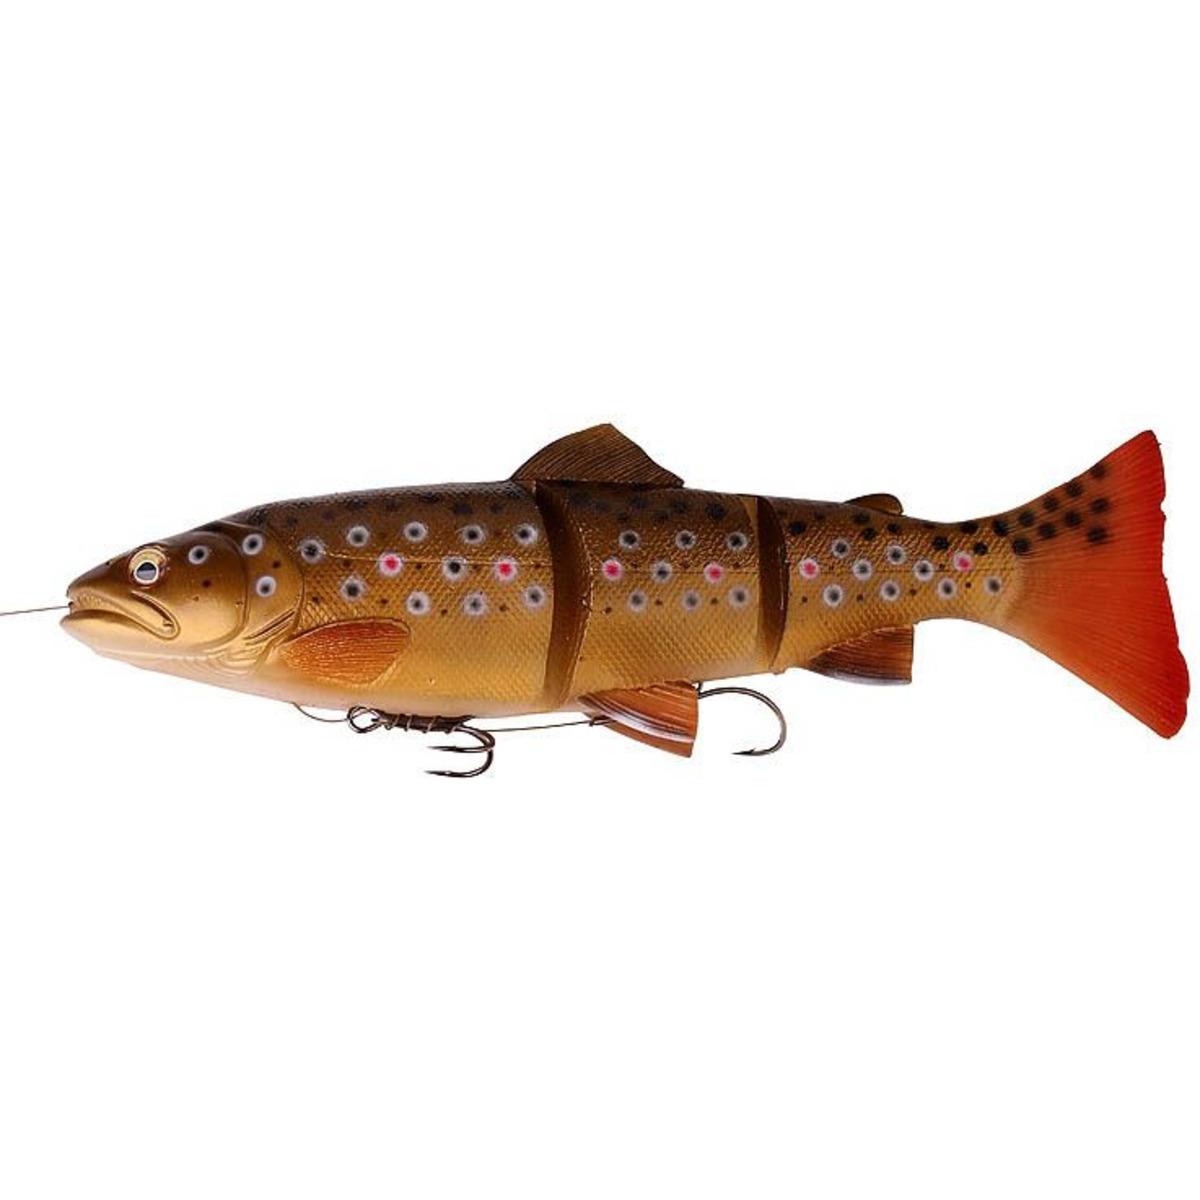 Savage Gear 3D Trout Line Thru - 20 cm - 98 g - Dark Brown Trout